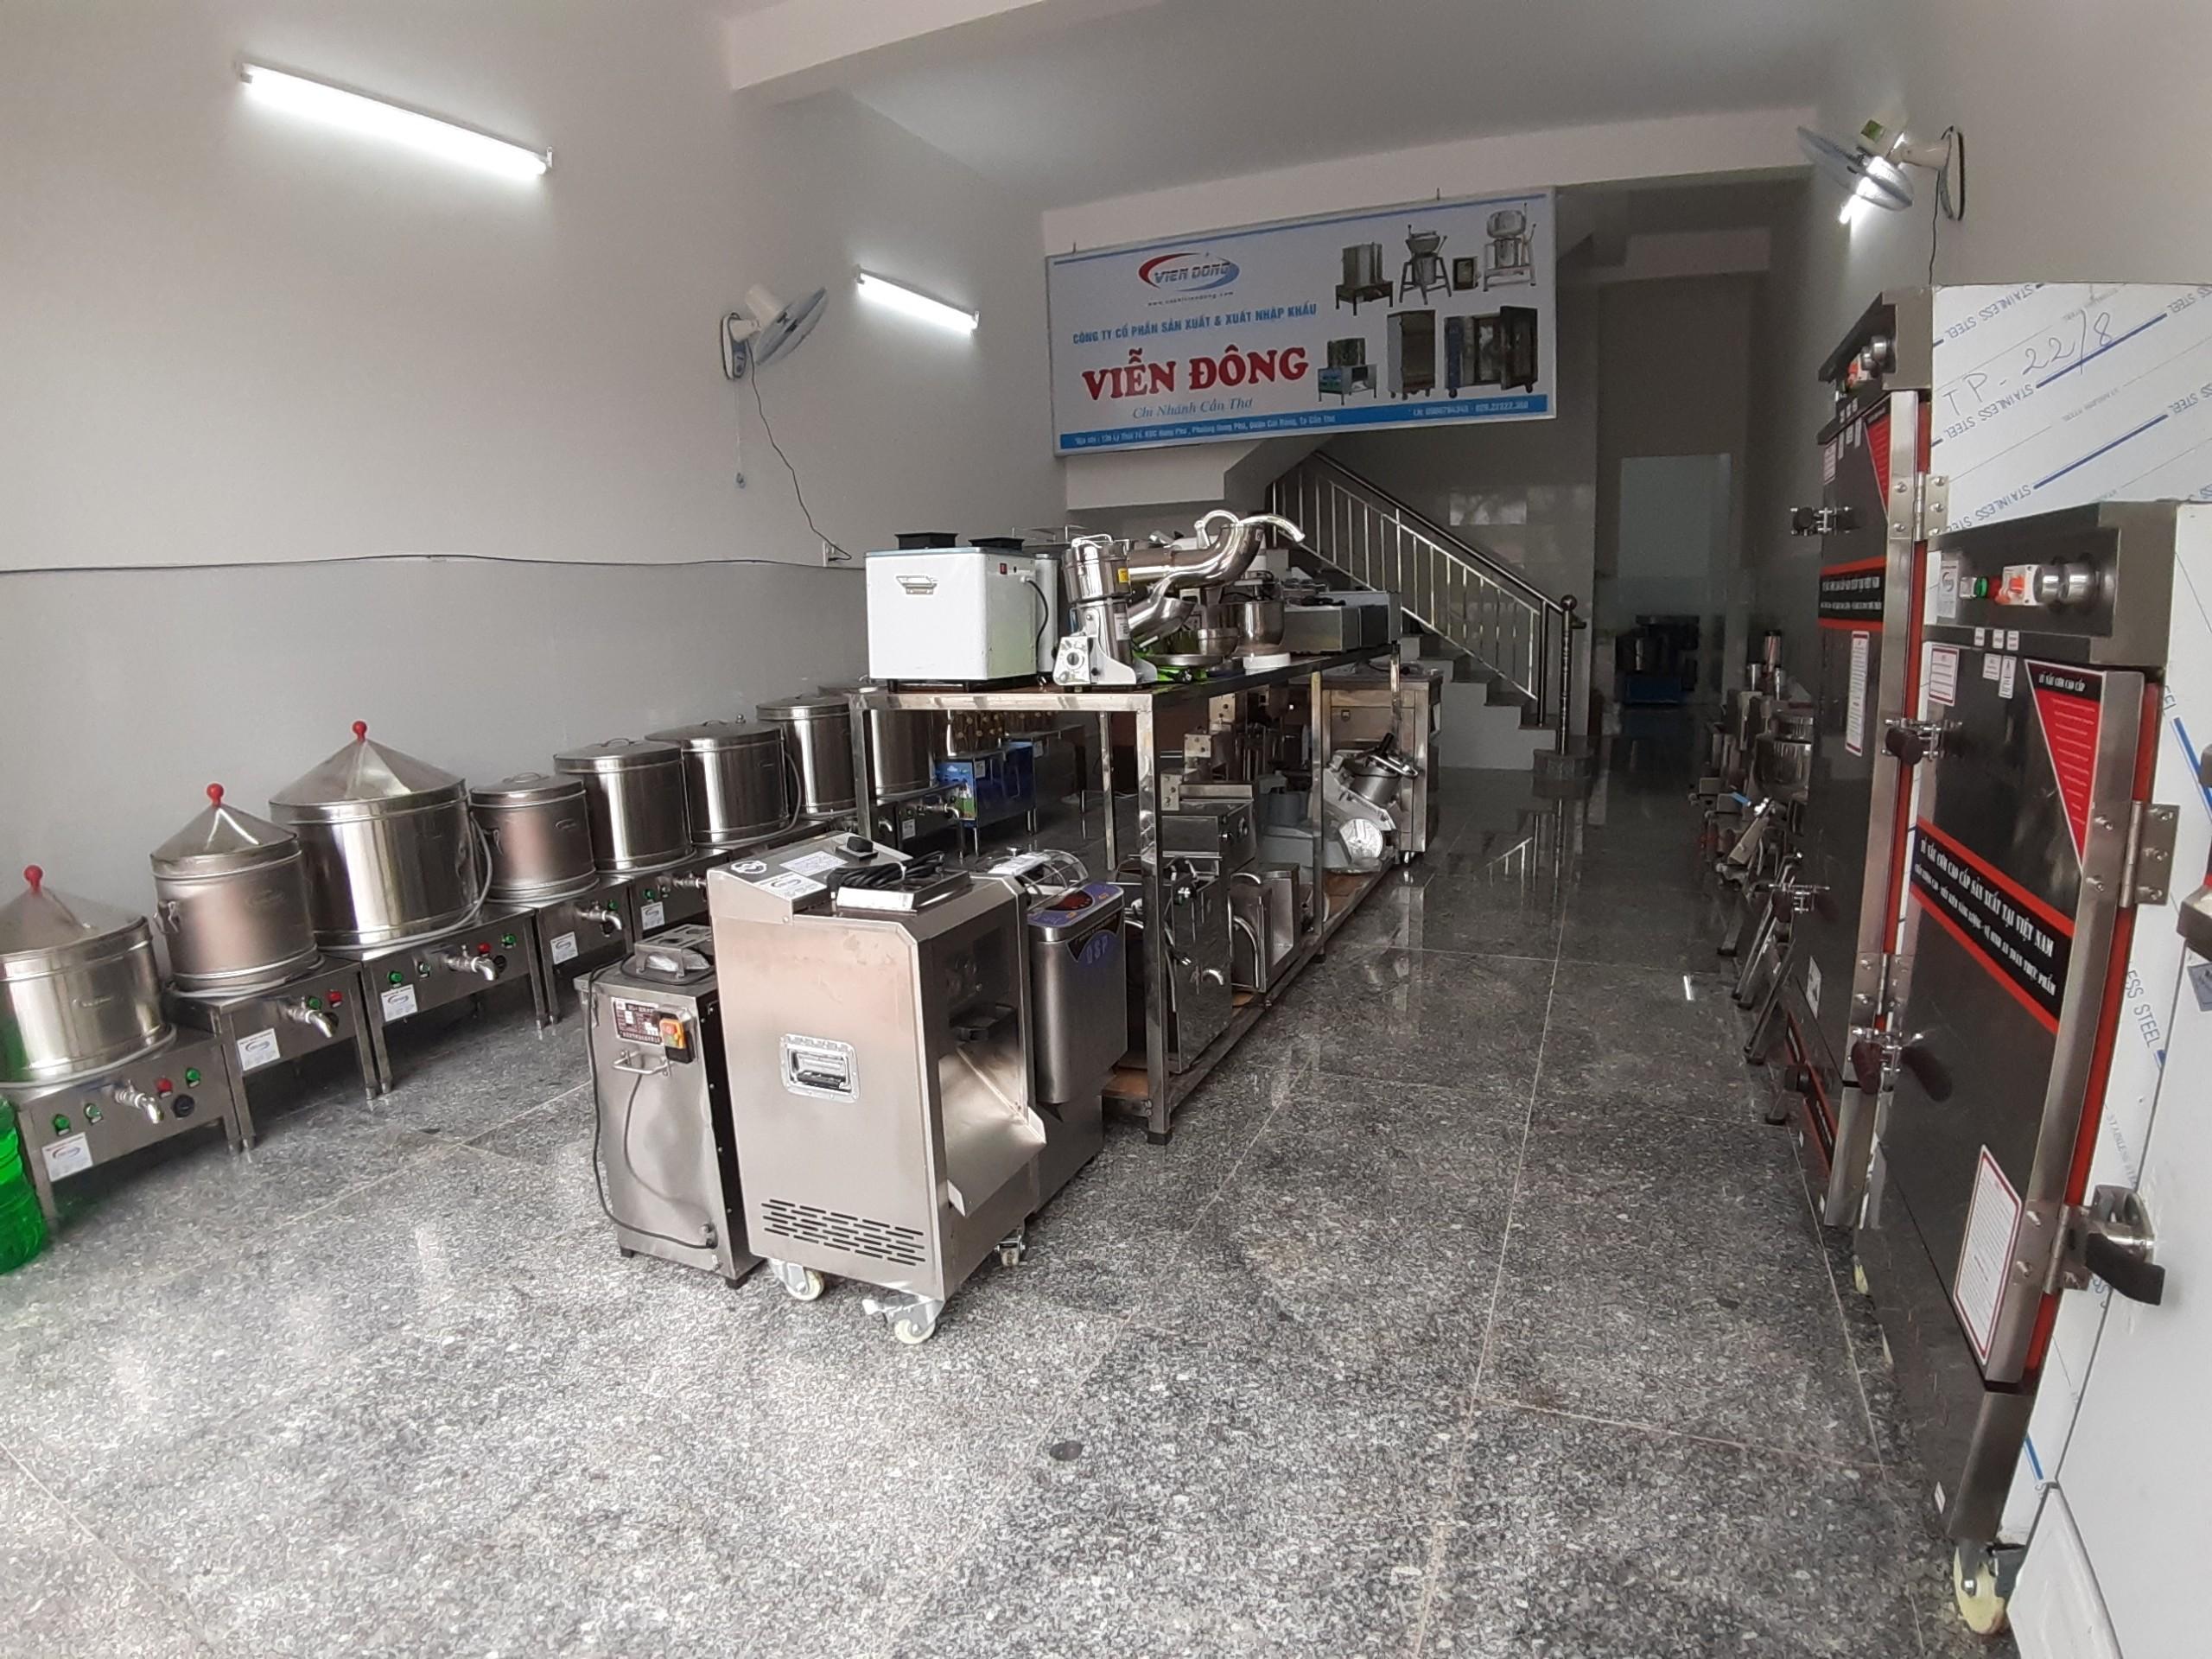 Thông tin về dịch vụ sửa chữa bảo dưỡng máy làm chà bông